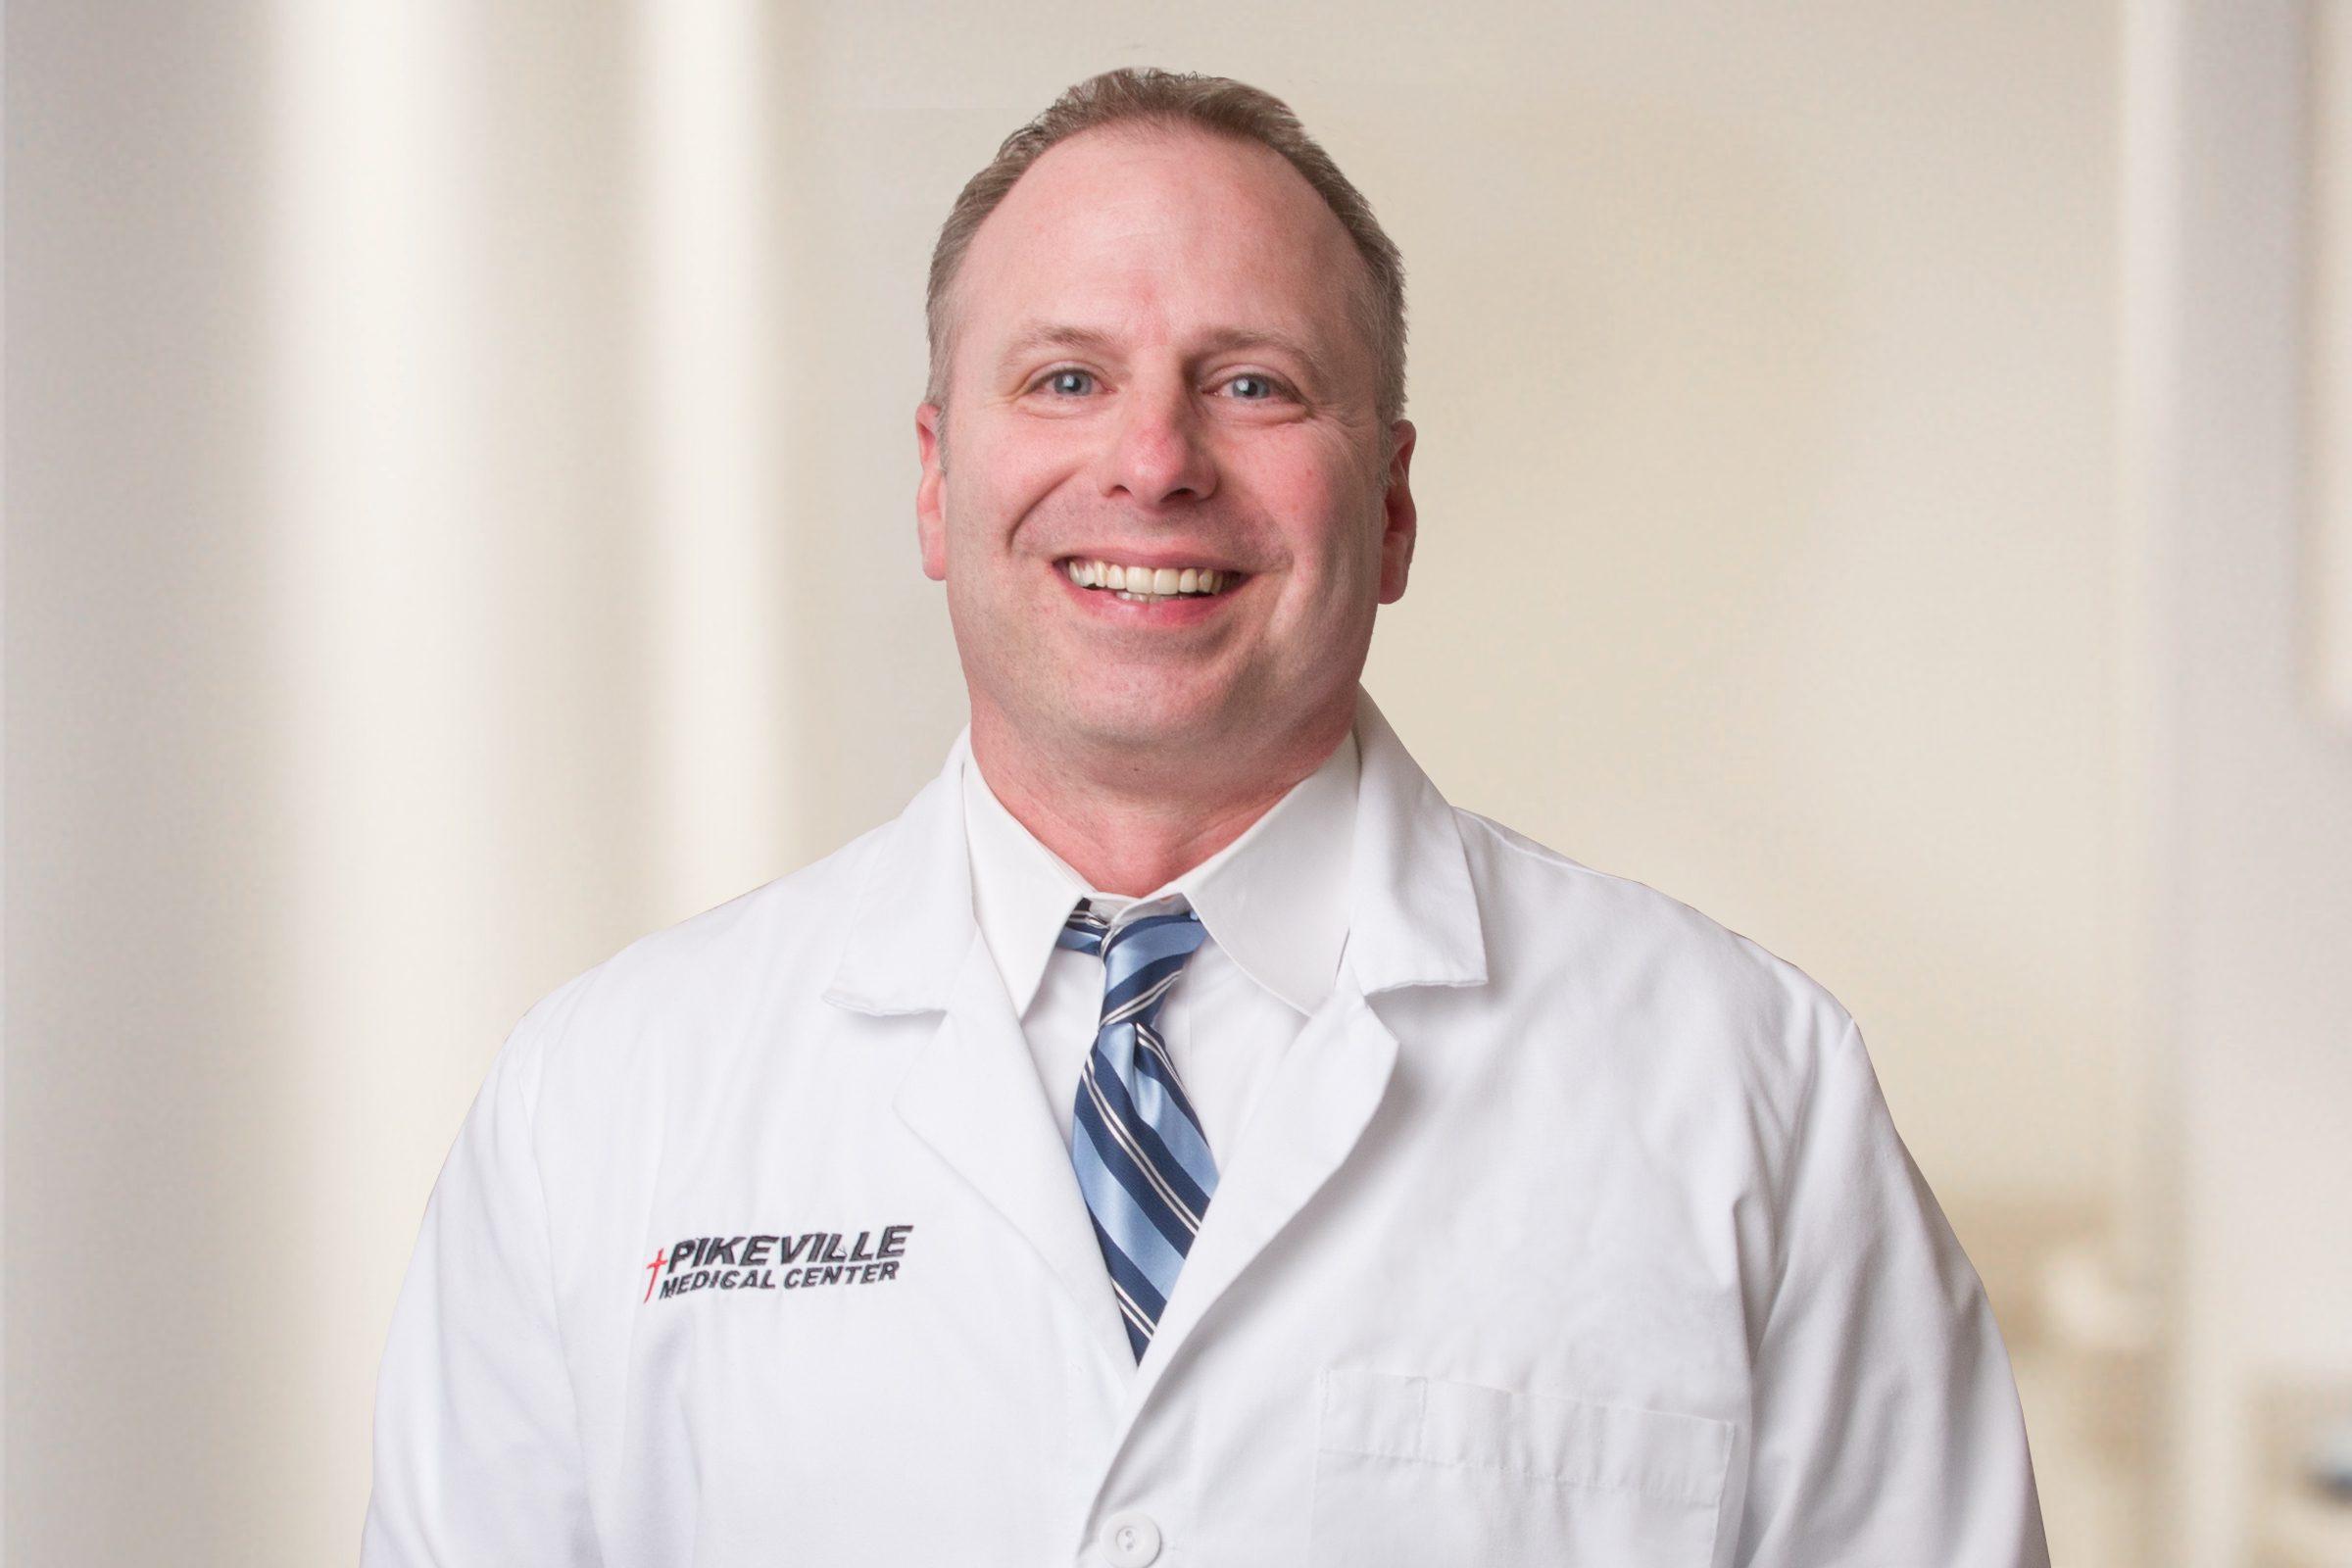 Steven J. Krohmer, MD